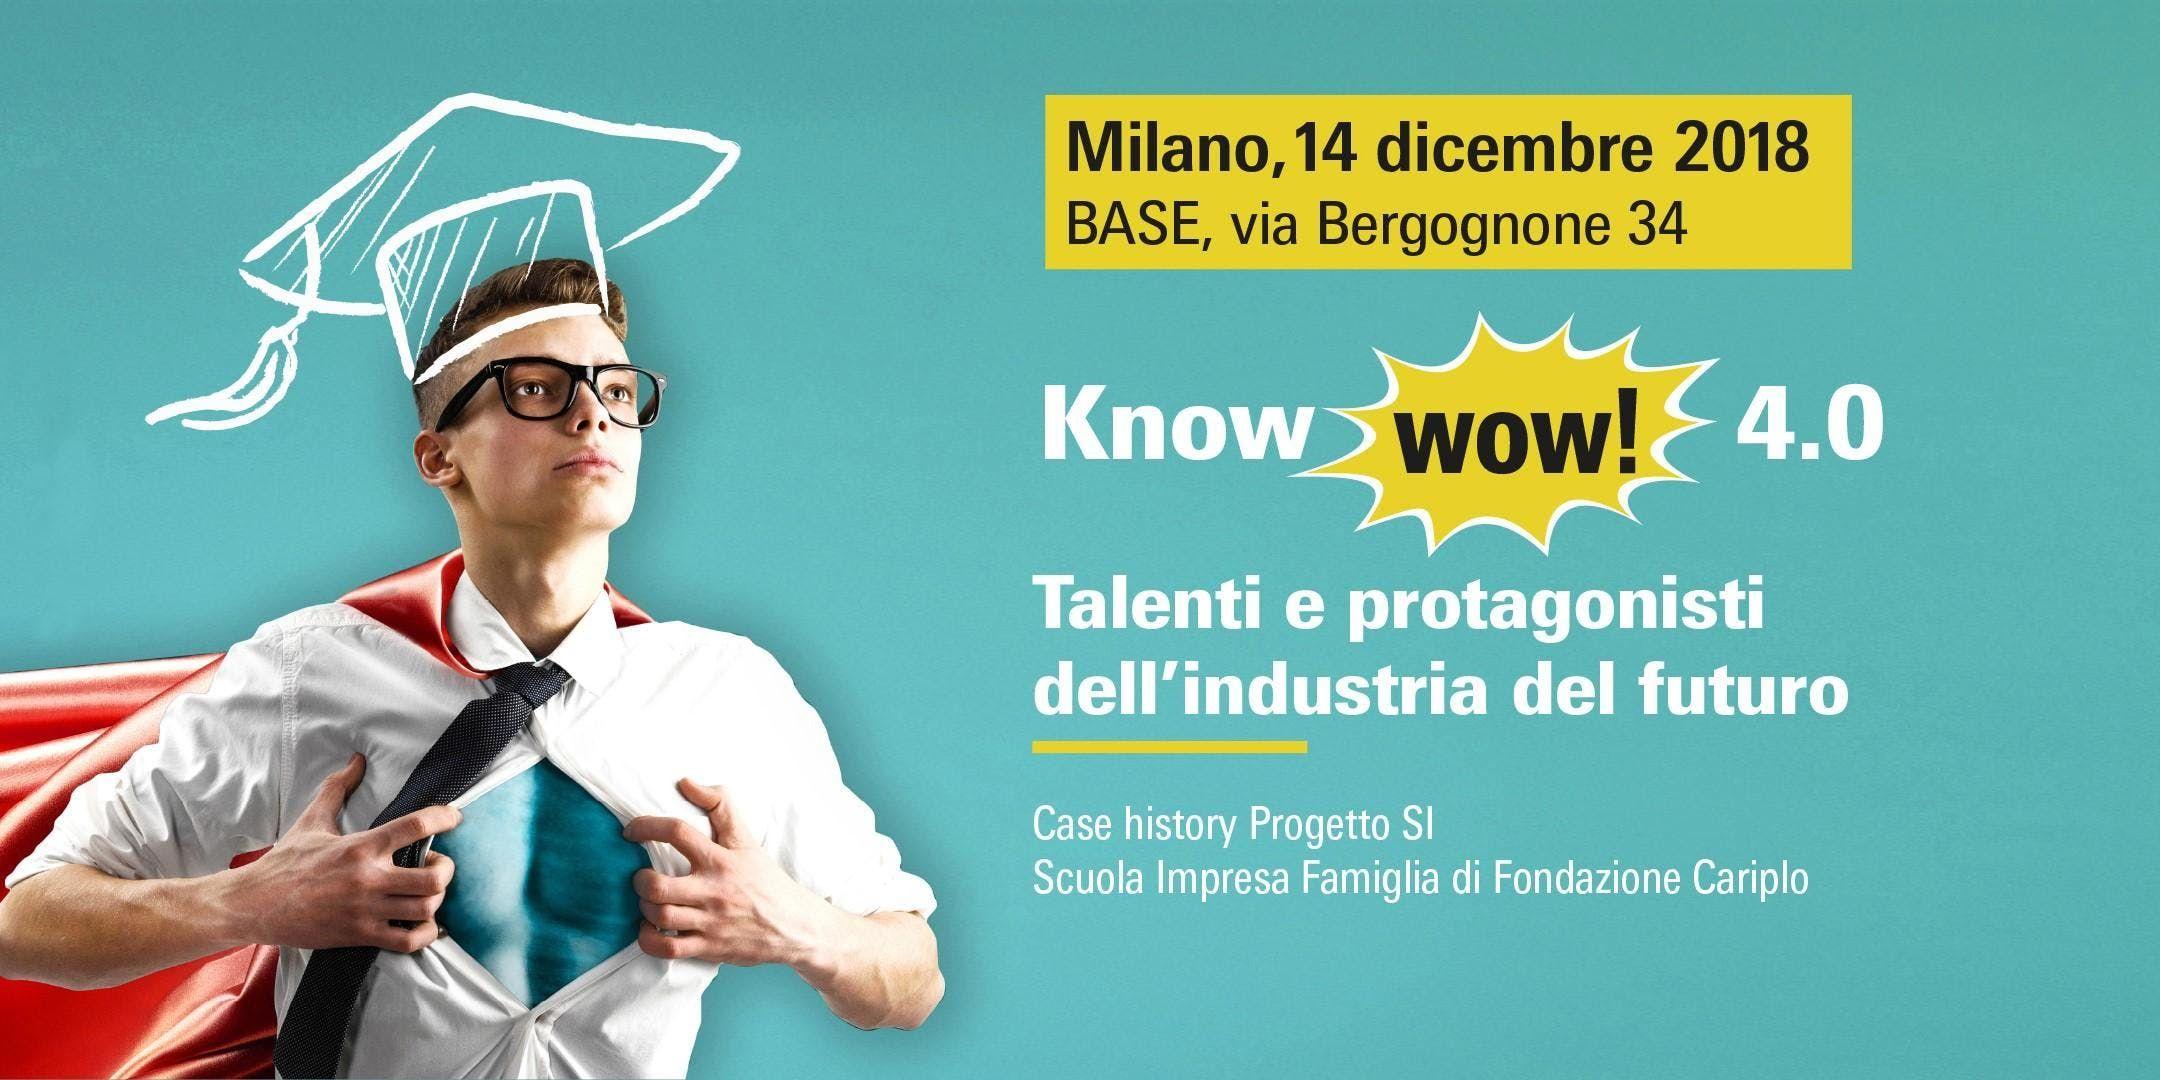 KNOW WOW 4.0 - Talenti e protagonisti dellindustria del futuro